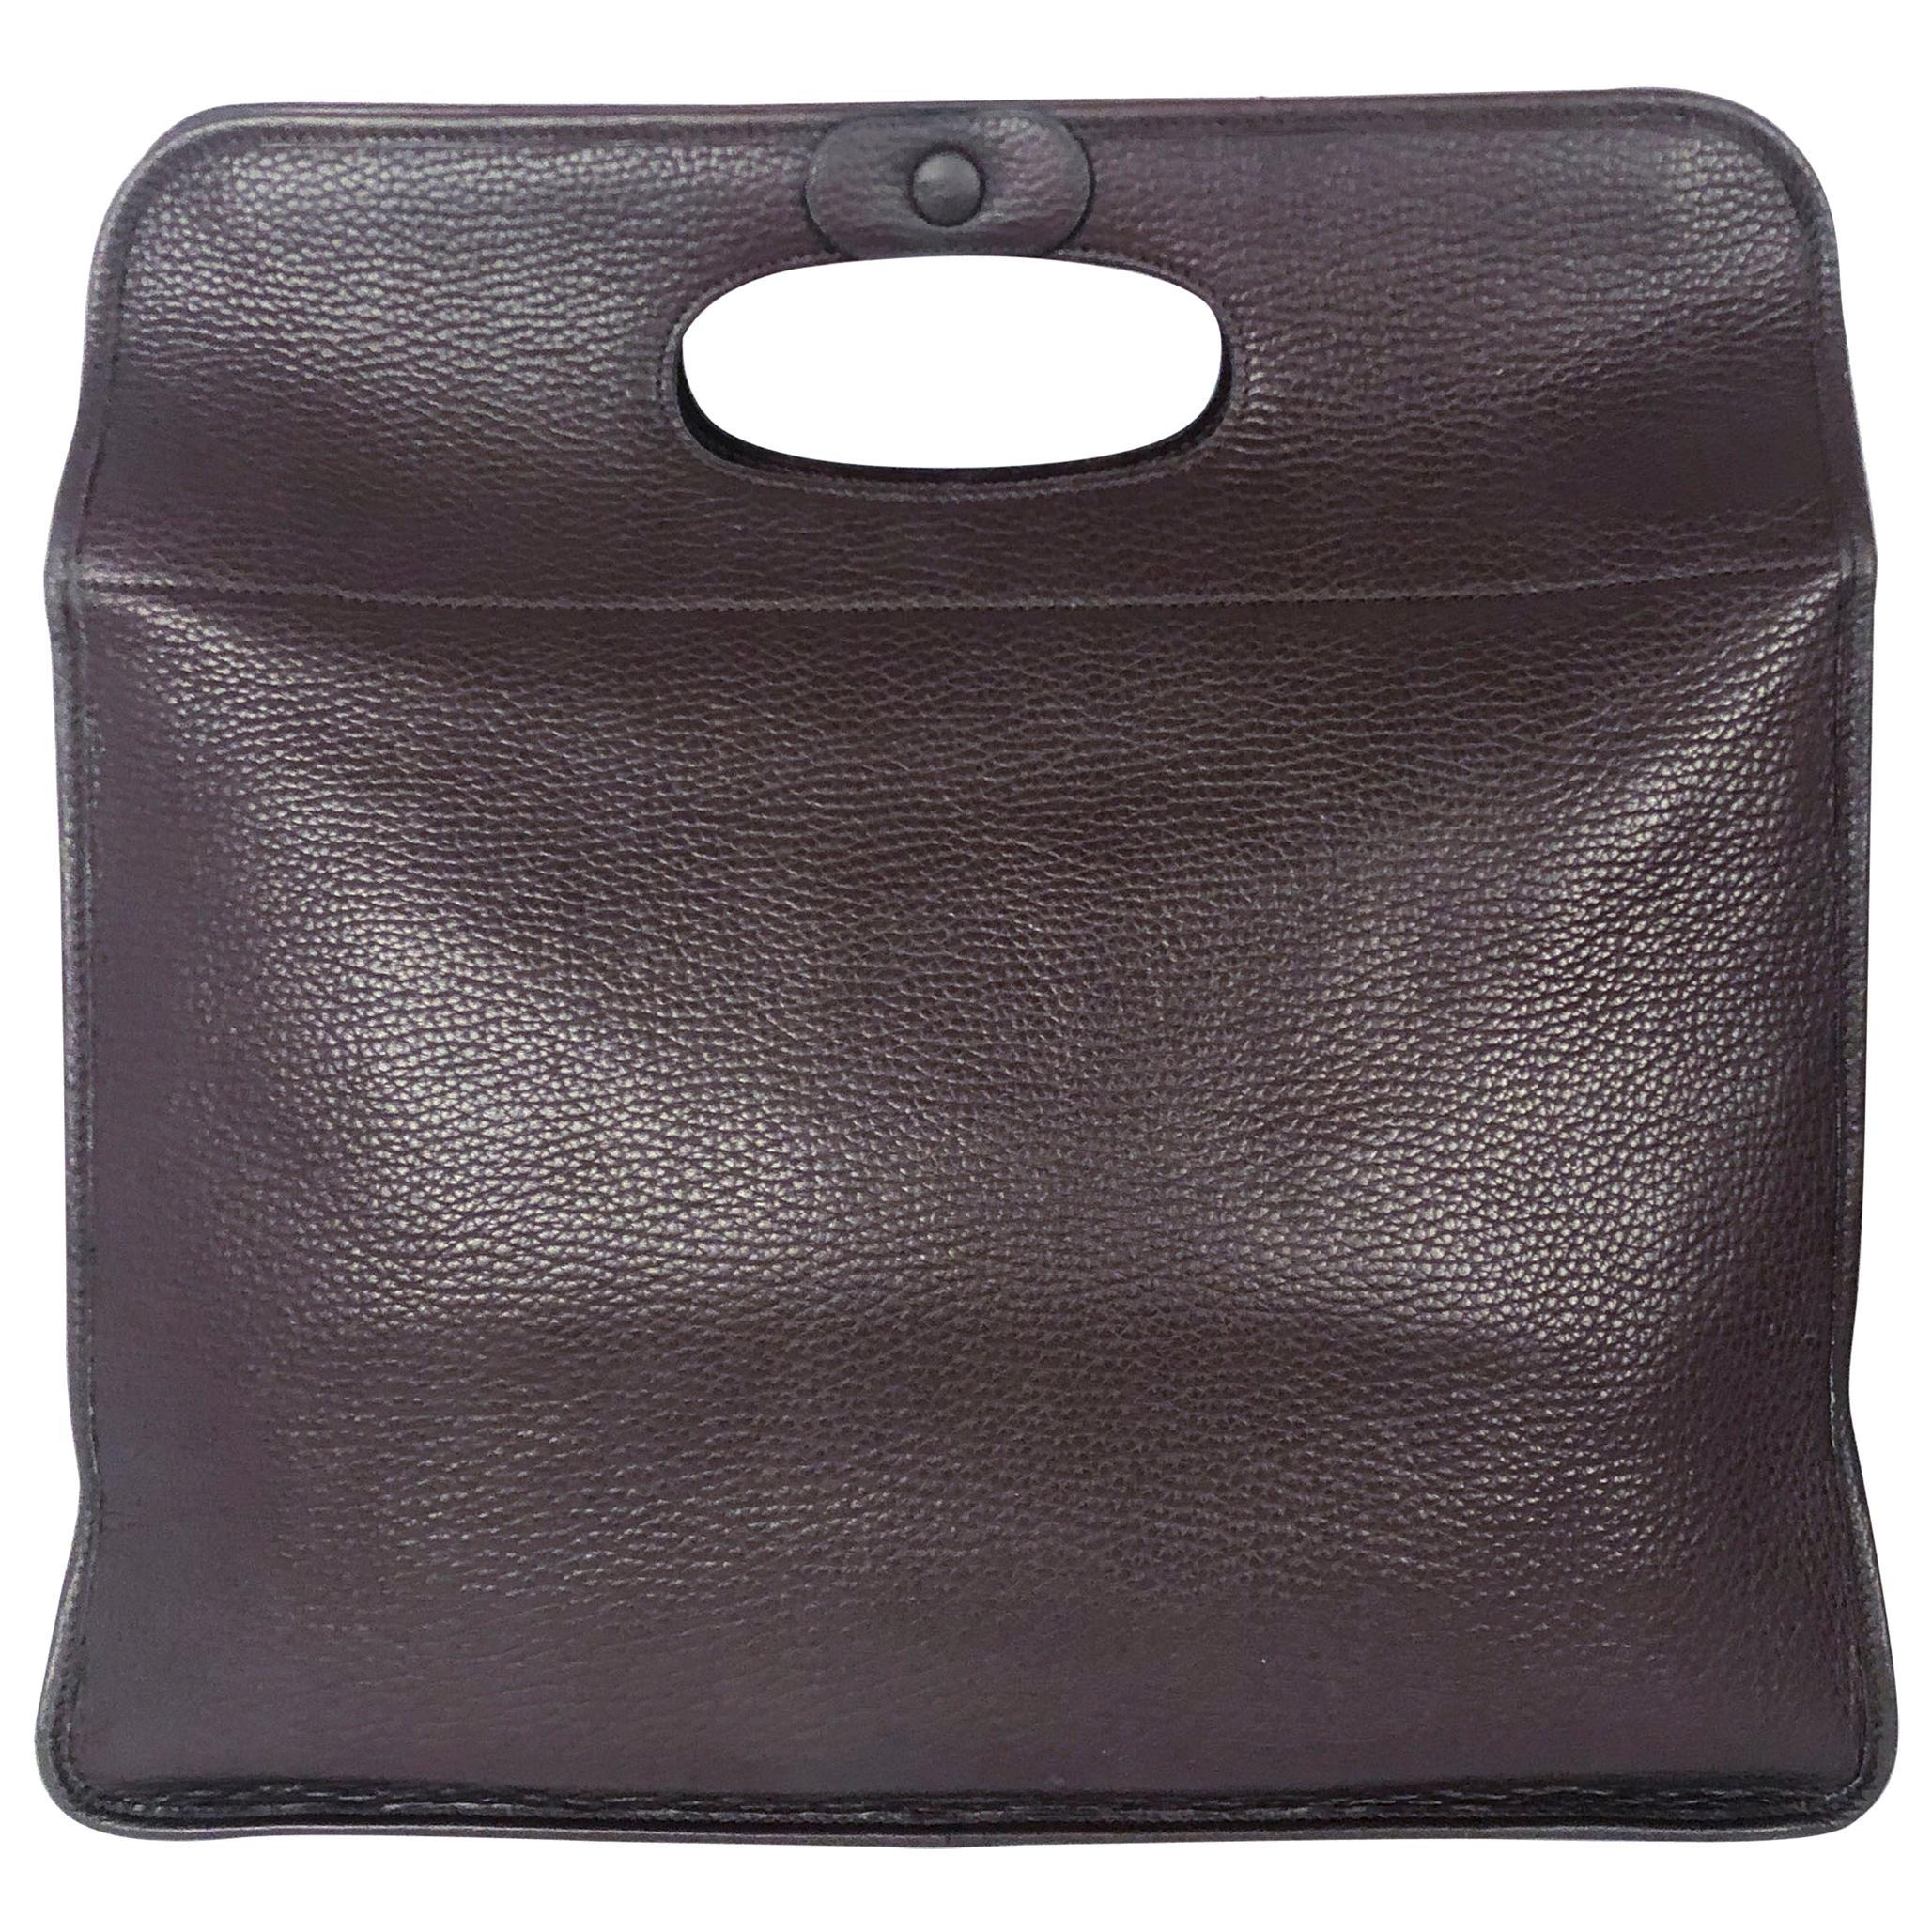 Hermès Brown Leather Tote